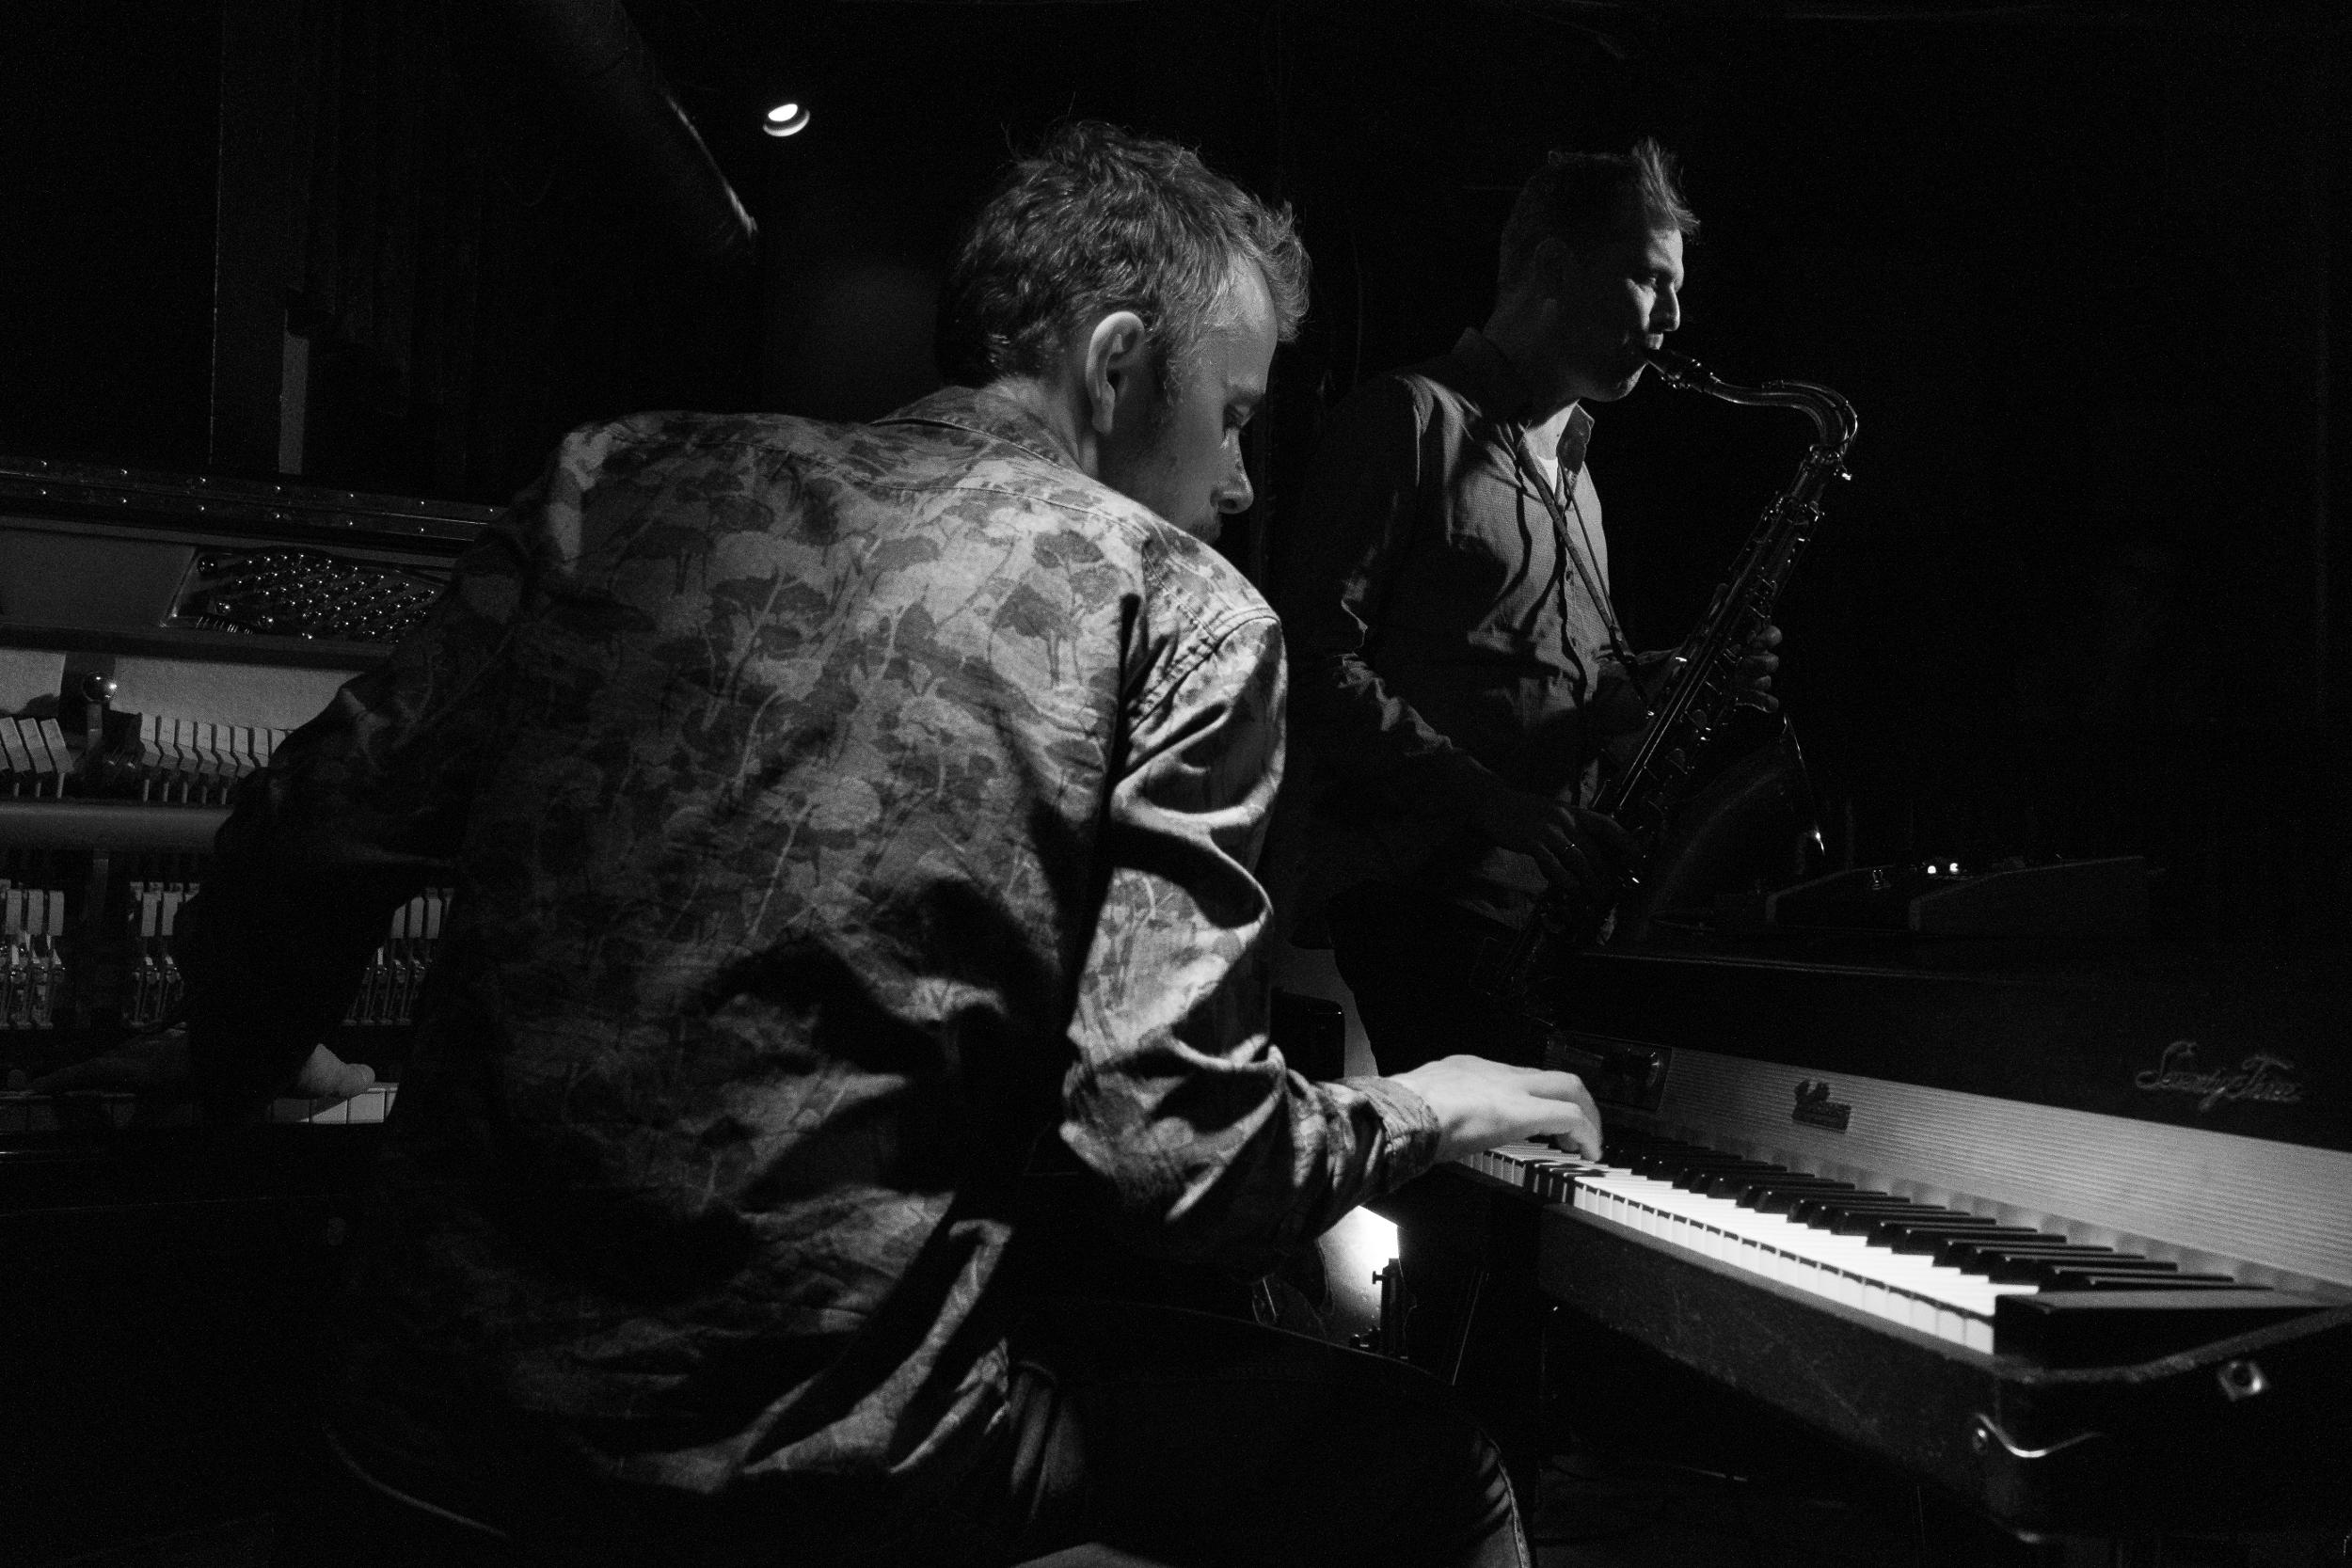 TWIRLS - Nicolas Schulze & Alexander Beierbach